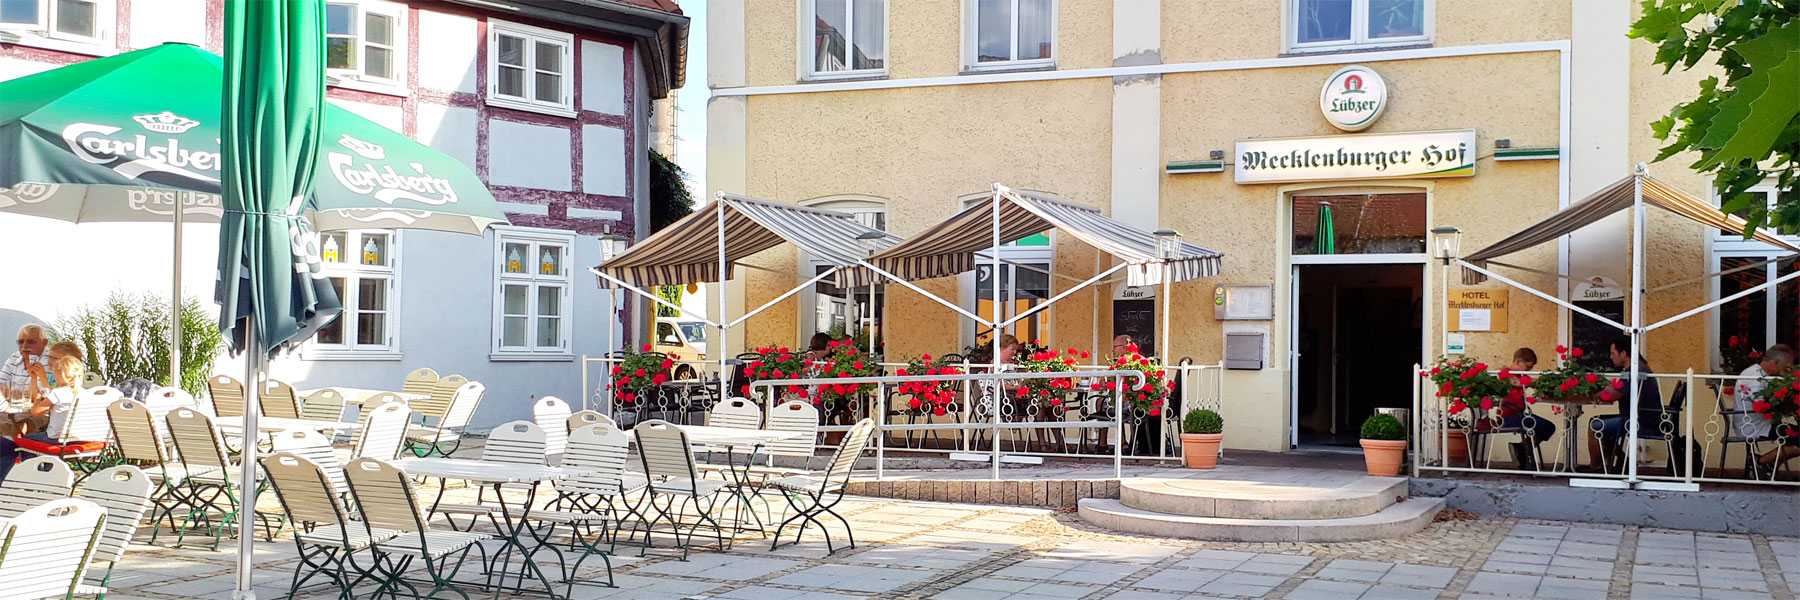 Terrasse - Mecklenburger Hof